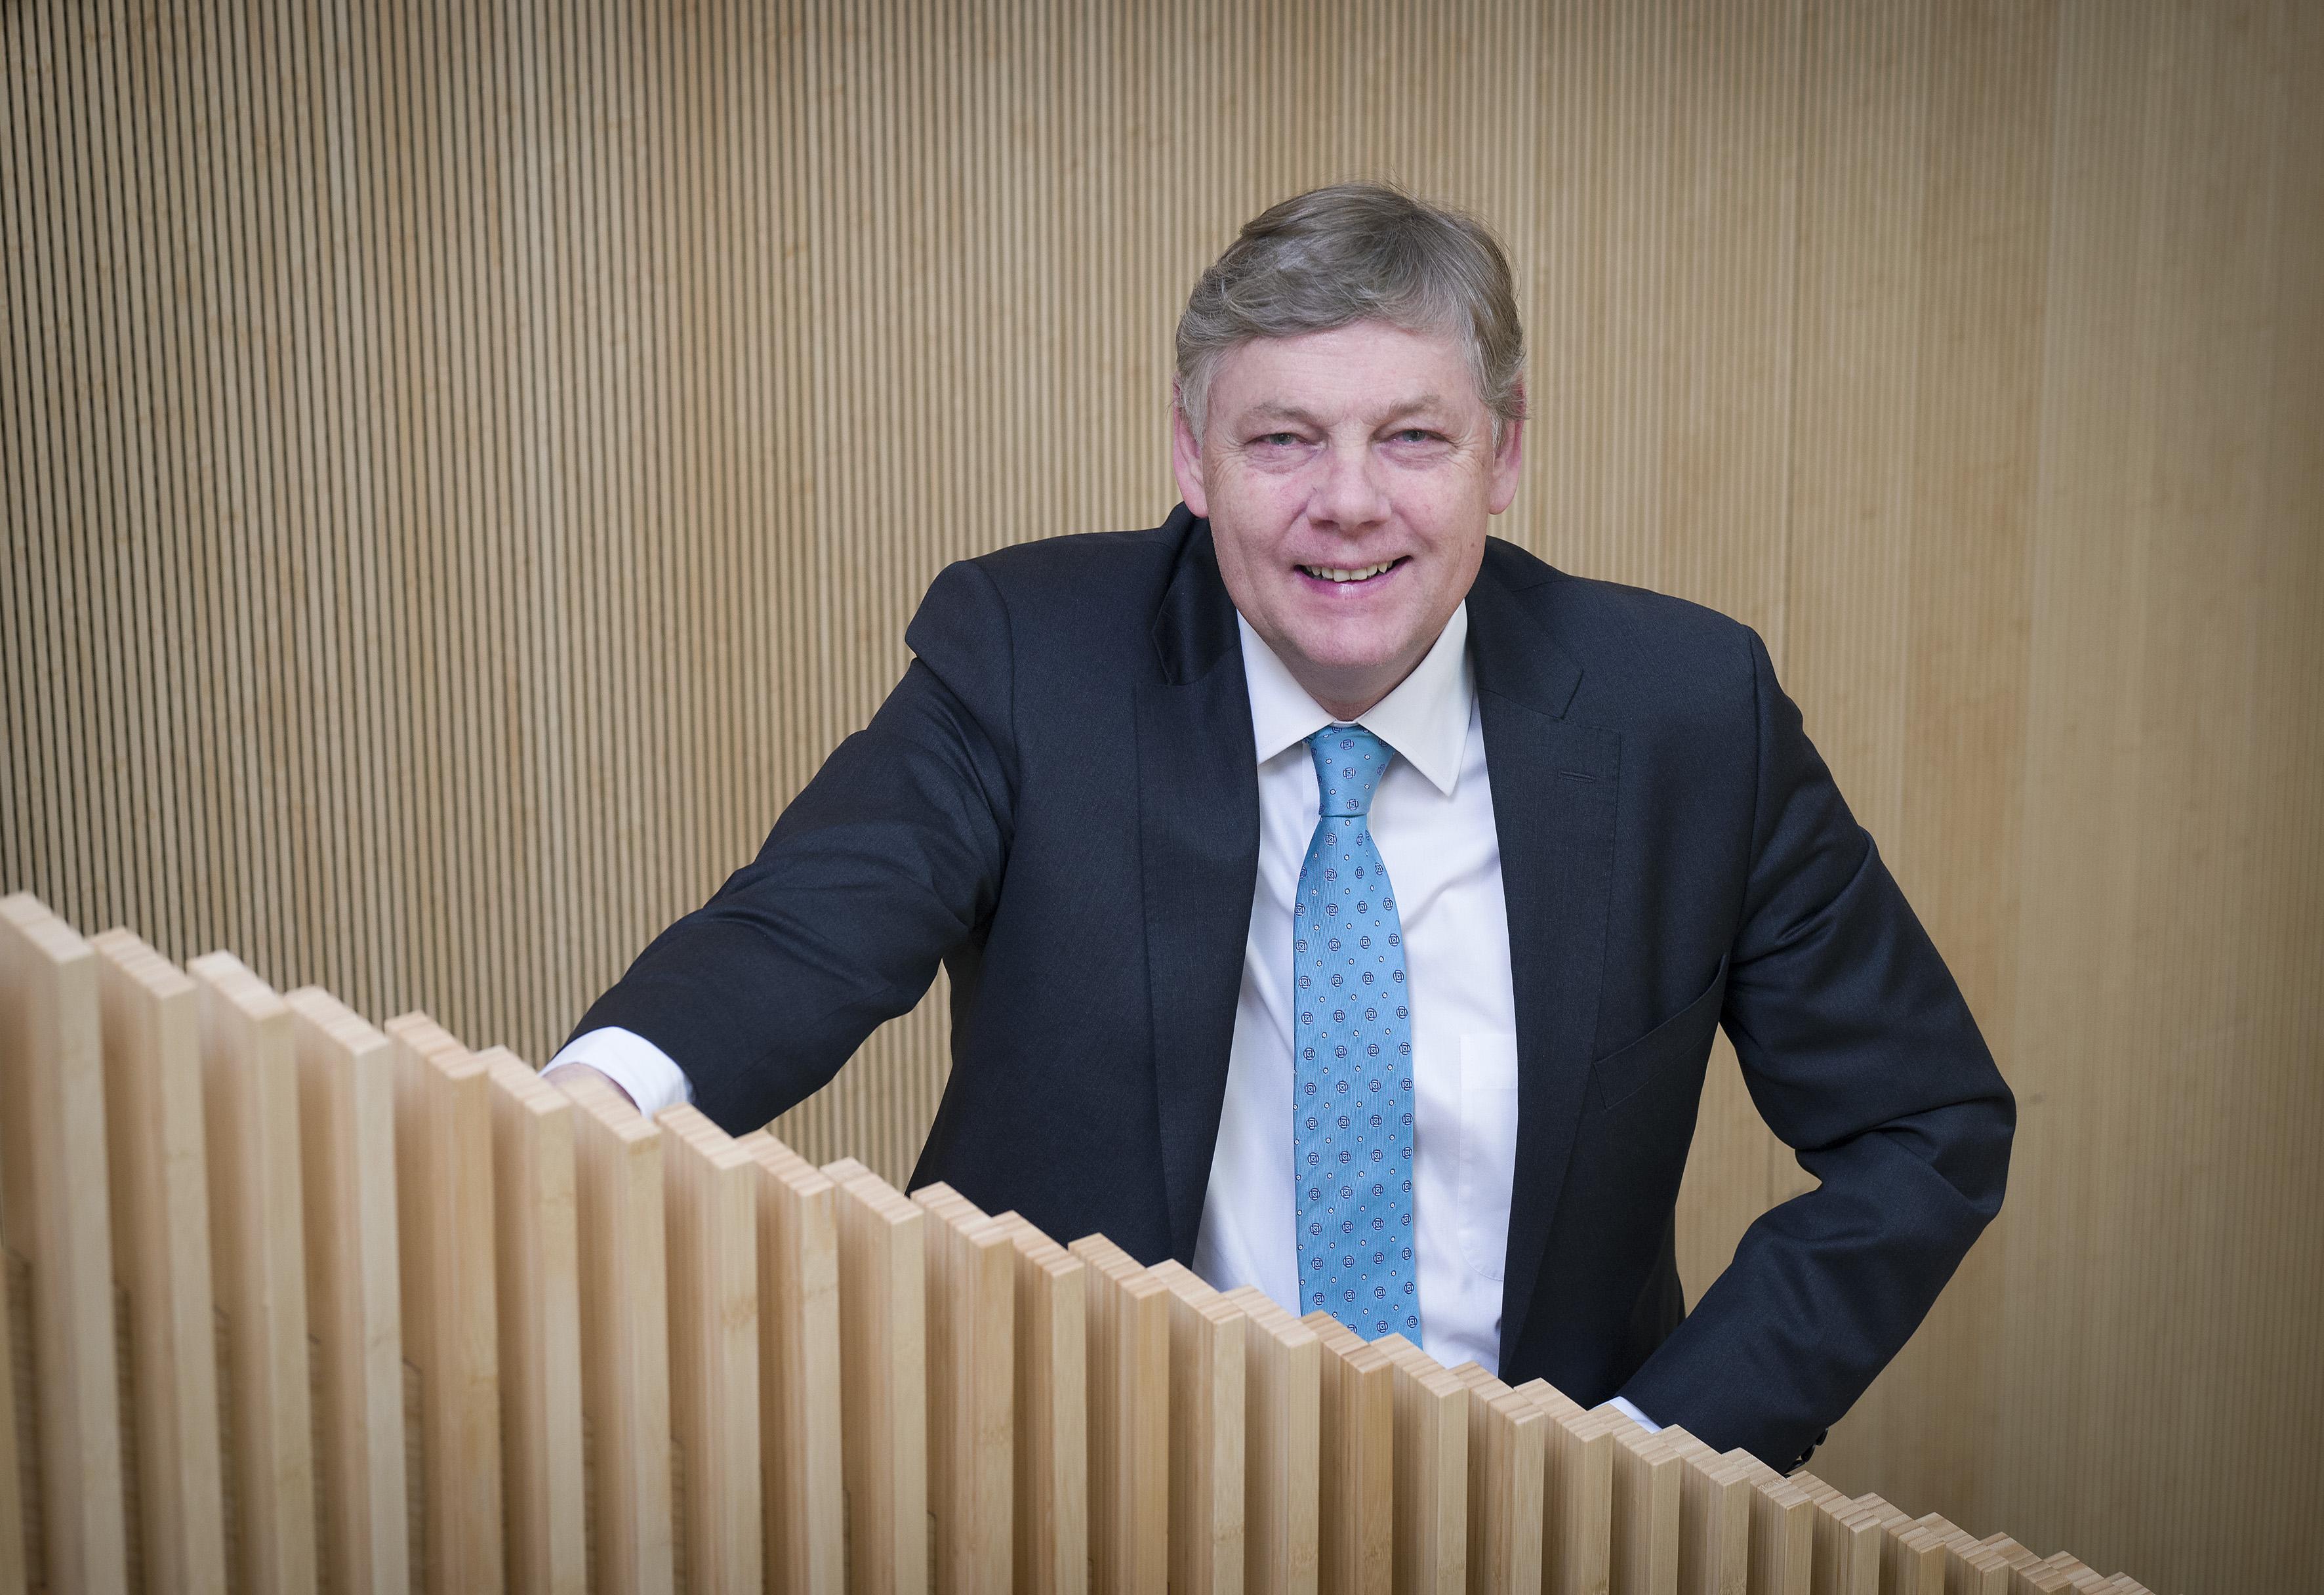 Burgemeester Roest onderzoekt melding van schenden integriteit Bloemendaals raadslid Mark Doorn